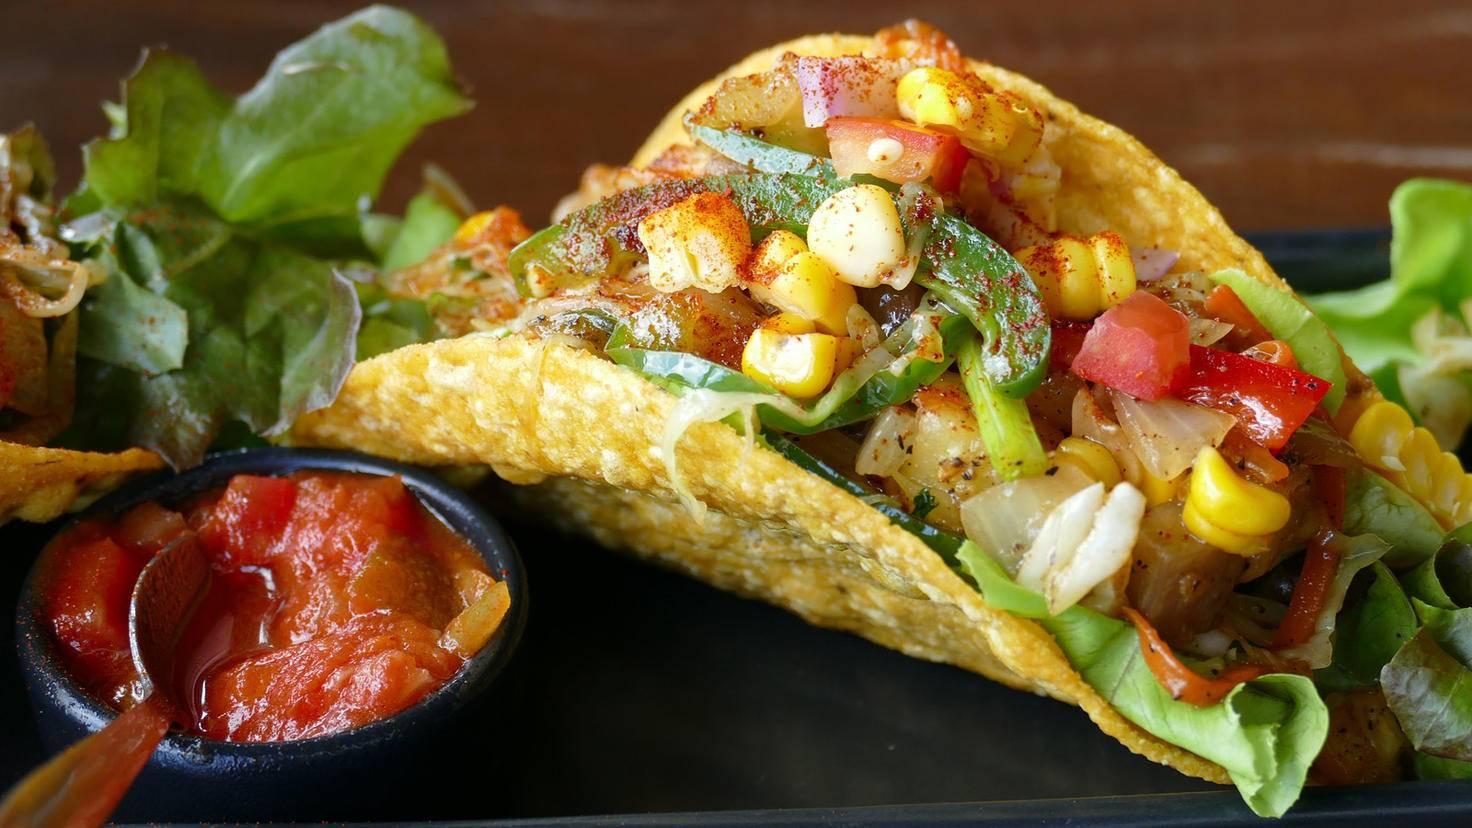 Salsa schmeckt hervorragend zu Tacos und Co. – und noch einmal besser, wenn sie selbstgemacht ist.